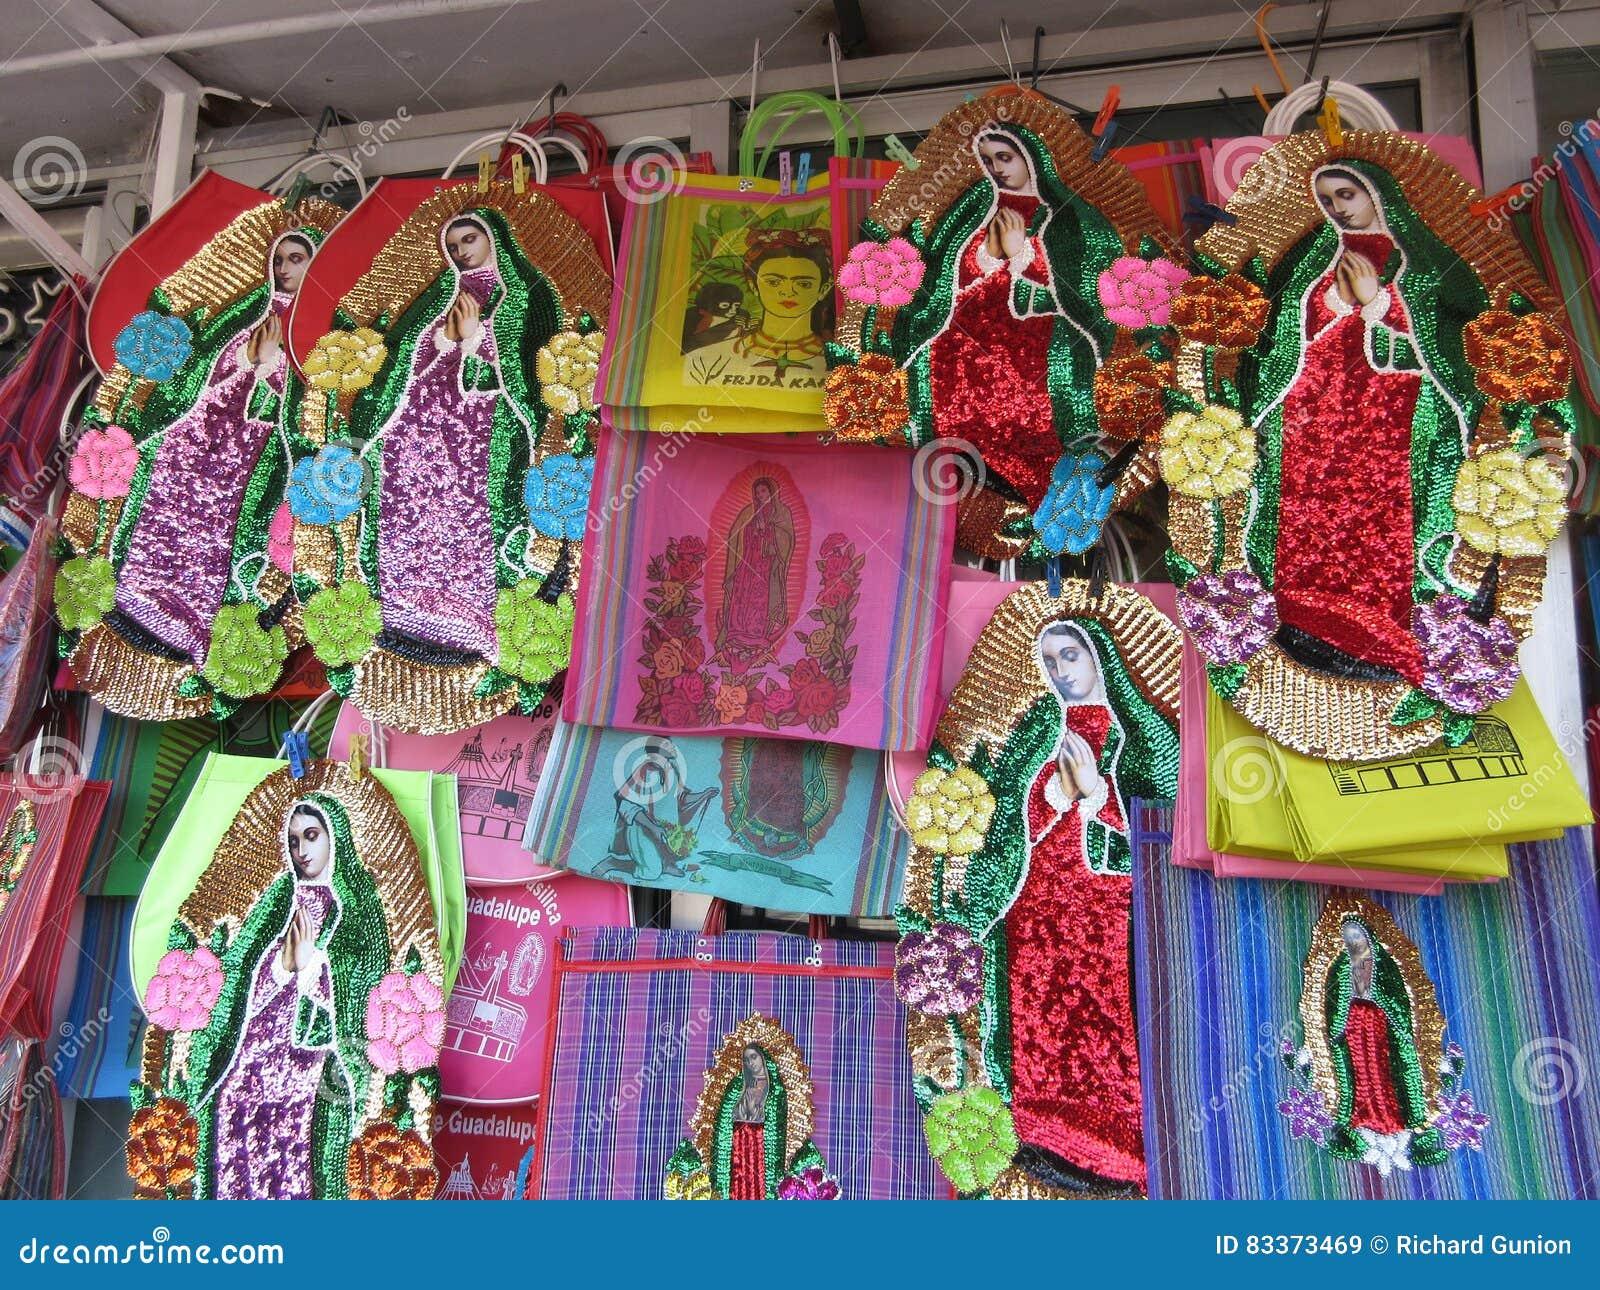 736919b4bd6 Foto de los recuerdos de la Virgen María para la venta en el chalet de  Guadalupe del la en Ciudad de México céntrica en 12 27 16 después de la  Navidad El ...